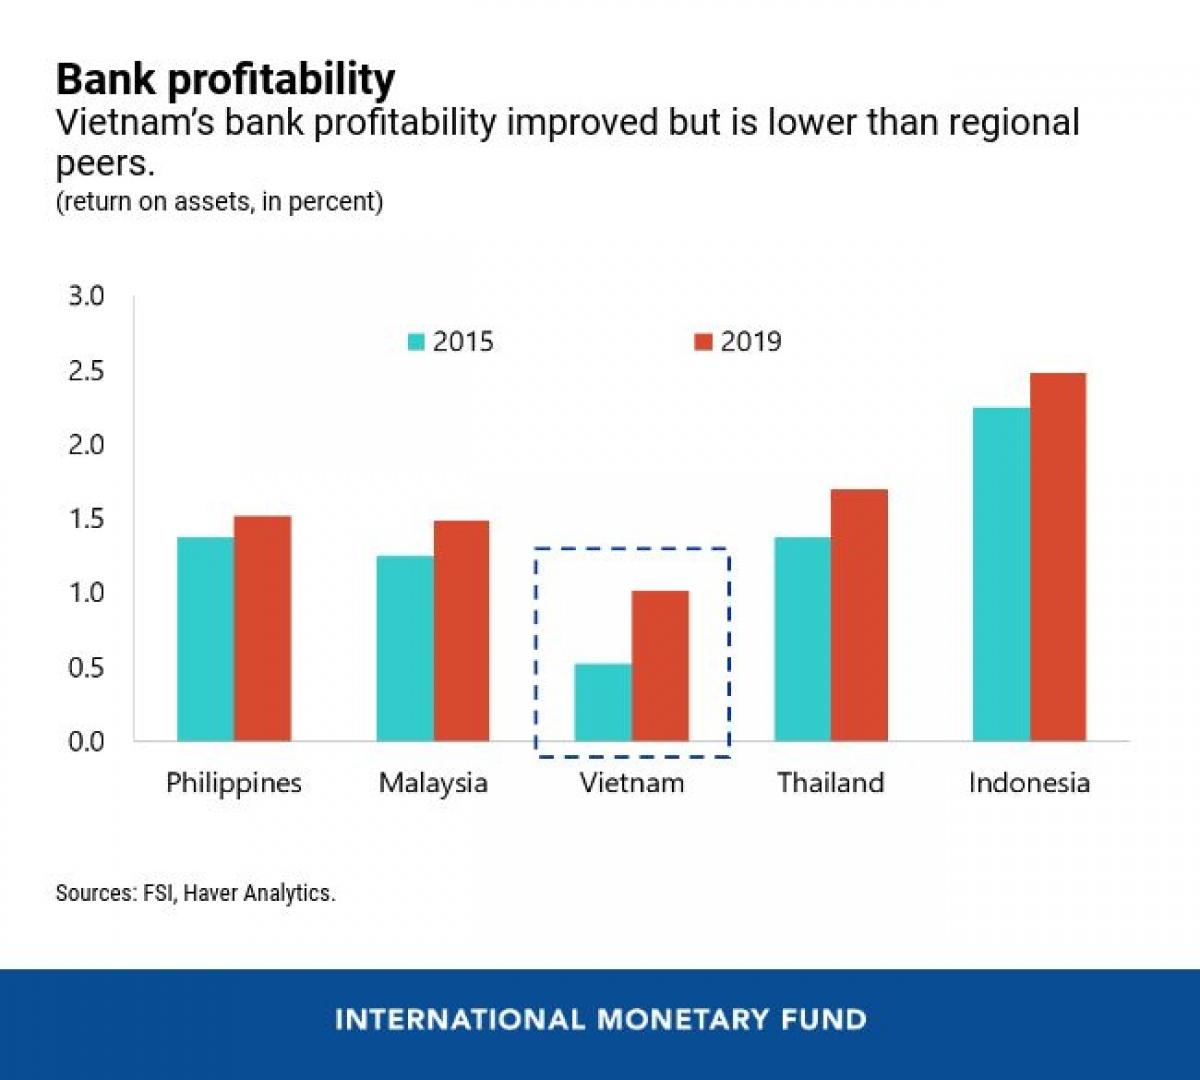 Lợi nhuận của ngành ngân hàng tăng trưởng tốt song vẫn thấp hơn các nước trong khu vực. (Nguồn: IMF)